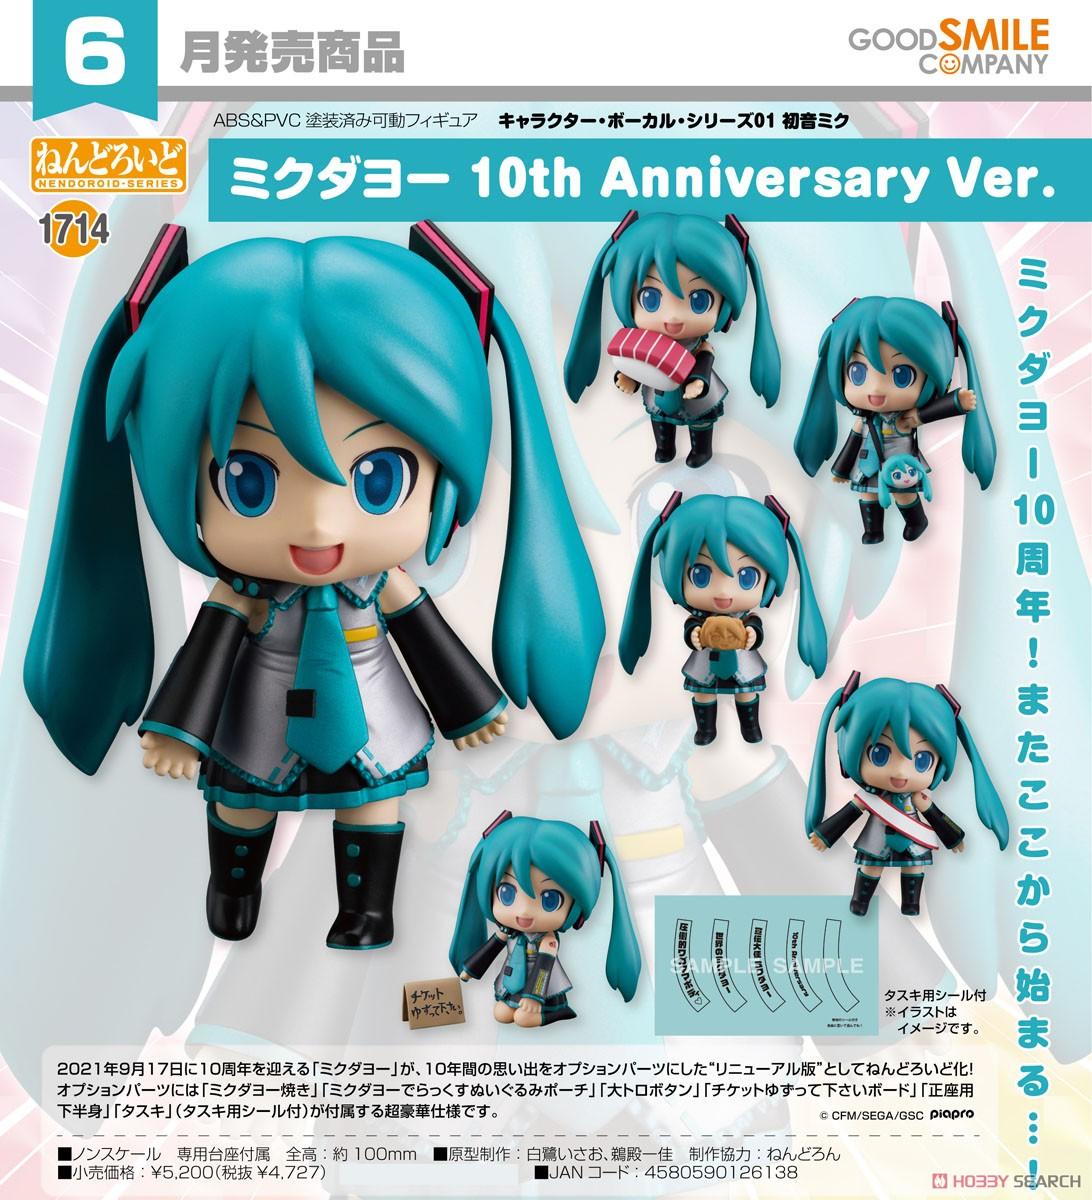 ねんどろいど『ミクダヨー 10th Anniversary Ver.』キャラクター・ボーカル・シリーズ01 デフォルメ可動フィギュア-008